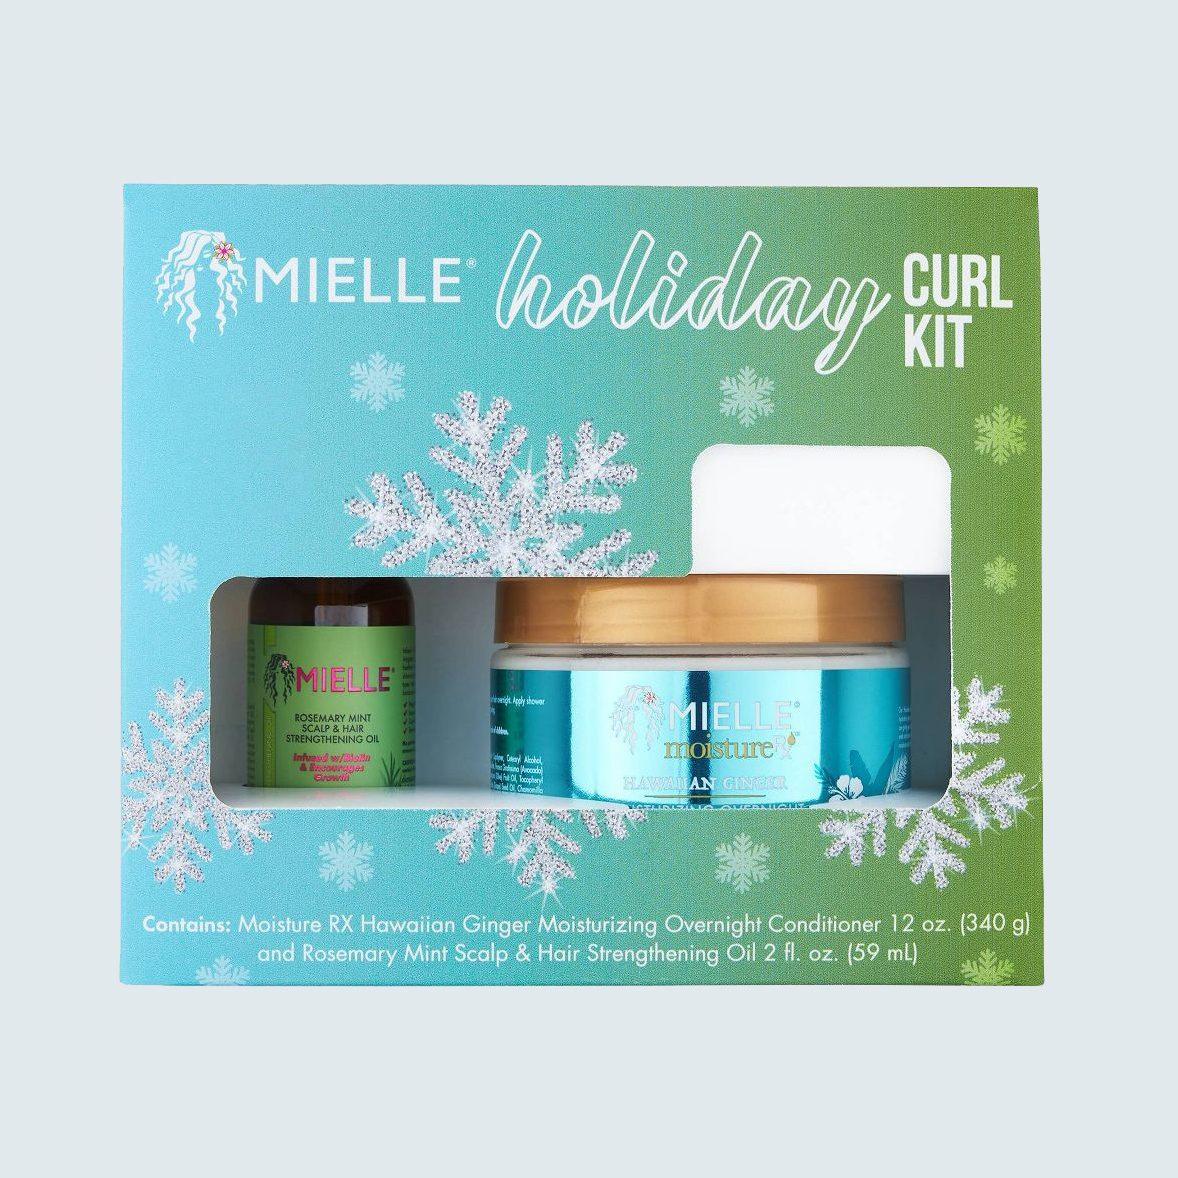 Mielle Organics Holiday Gift Kit